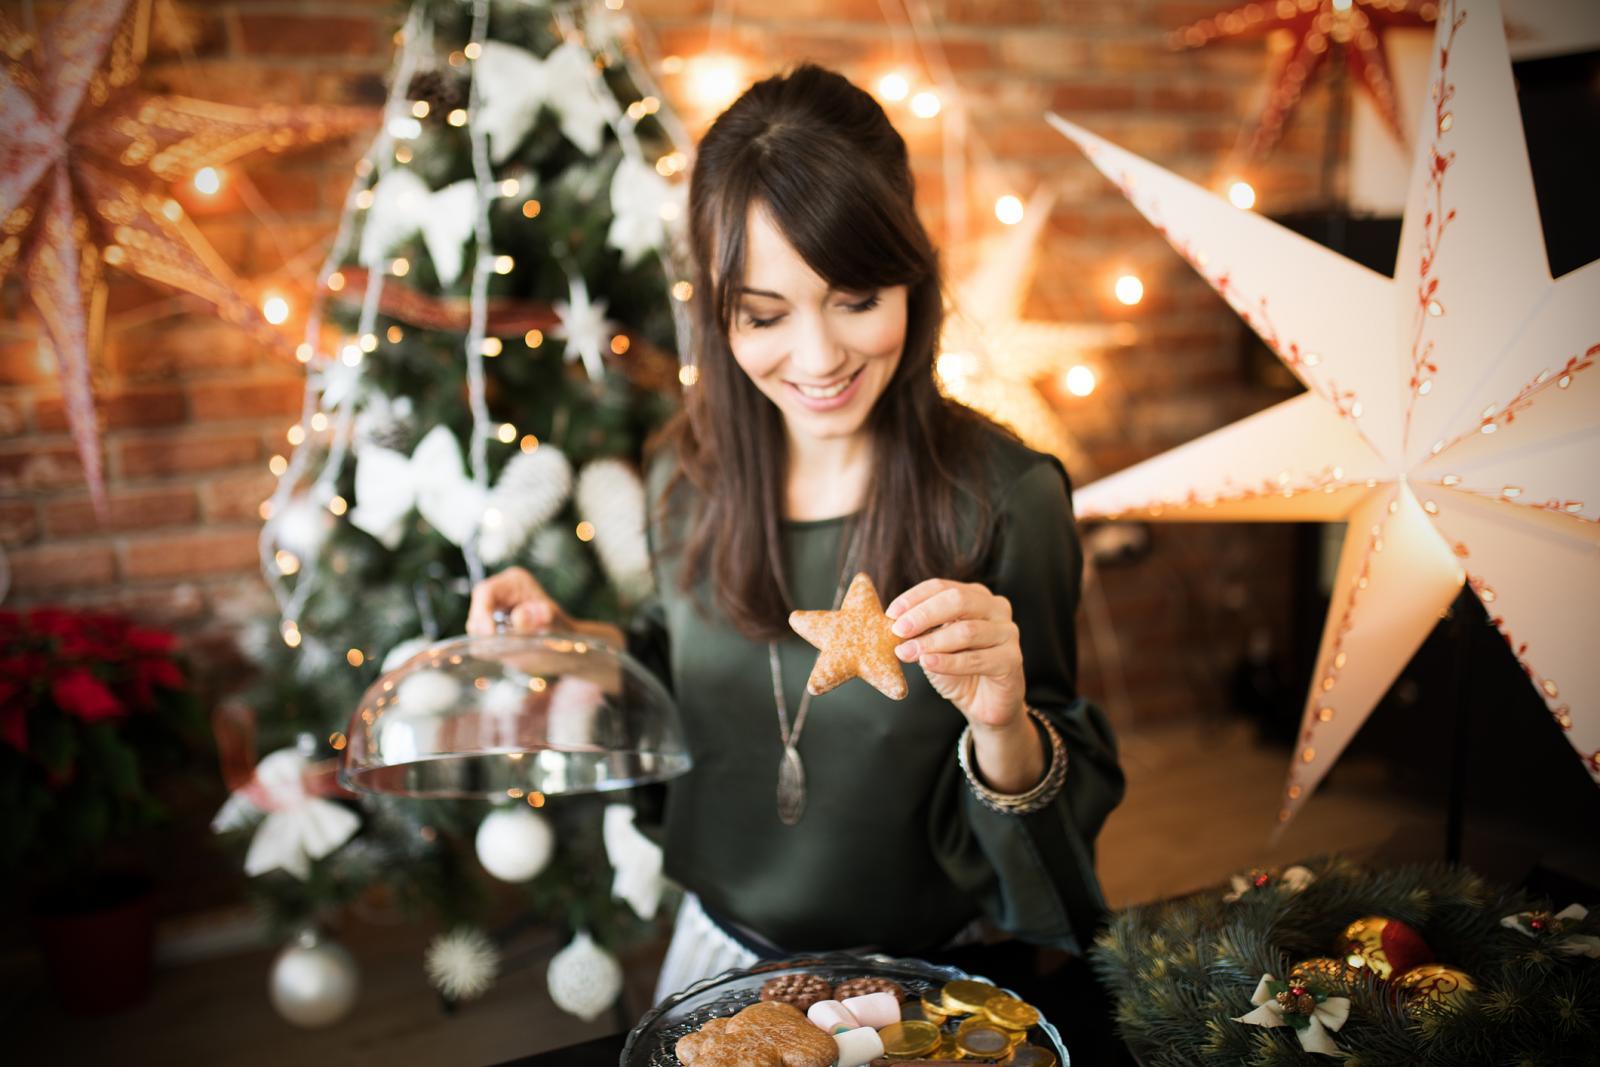 Božićni ukrasi jednostavno su sjećanje na čarobne emocije koje smo doživjeli kao djeca.